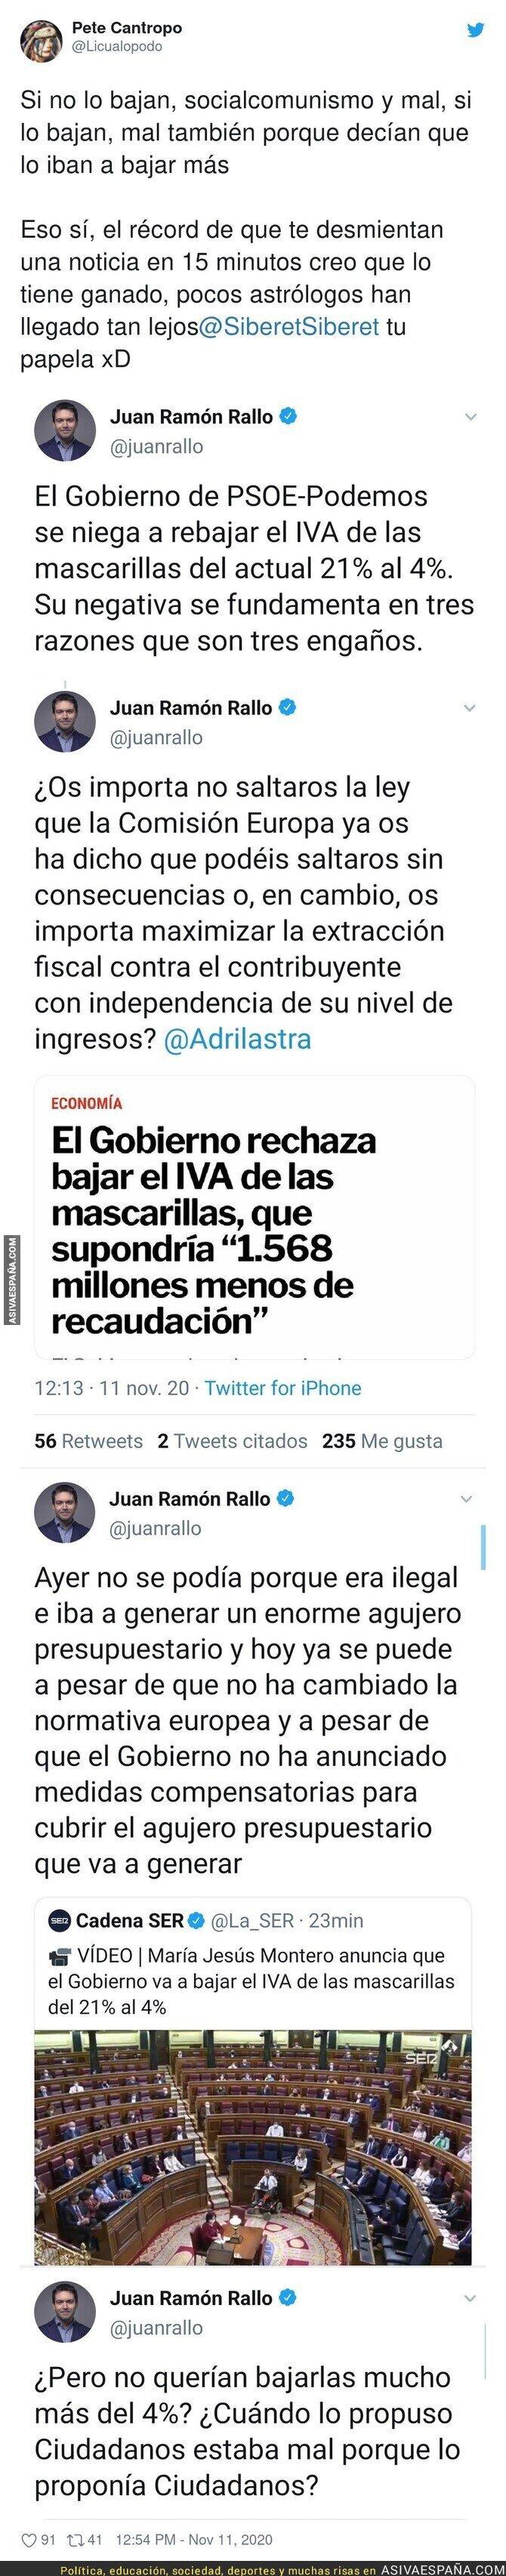 461252 - Simplemente Juan Ramón Rallo